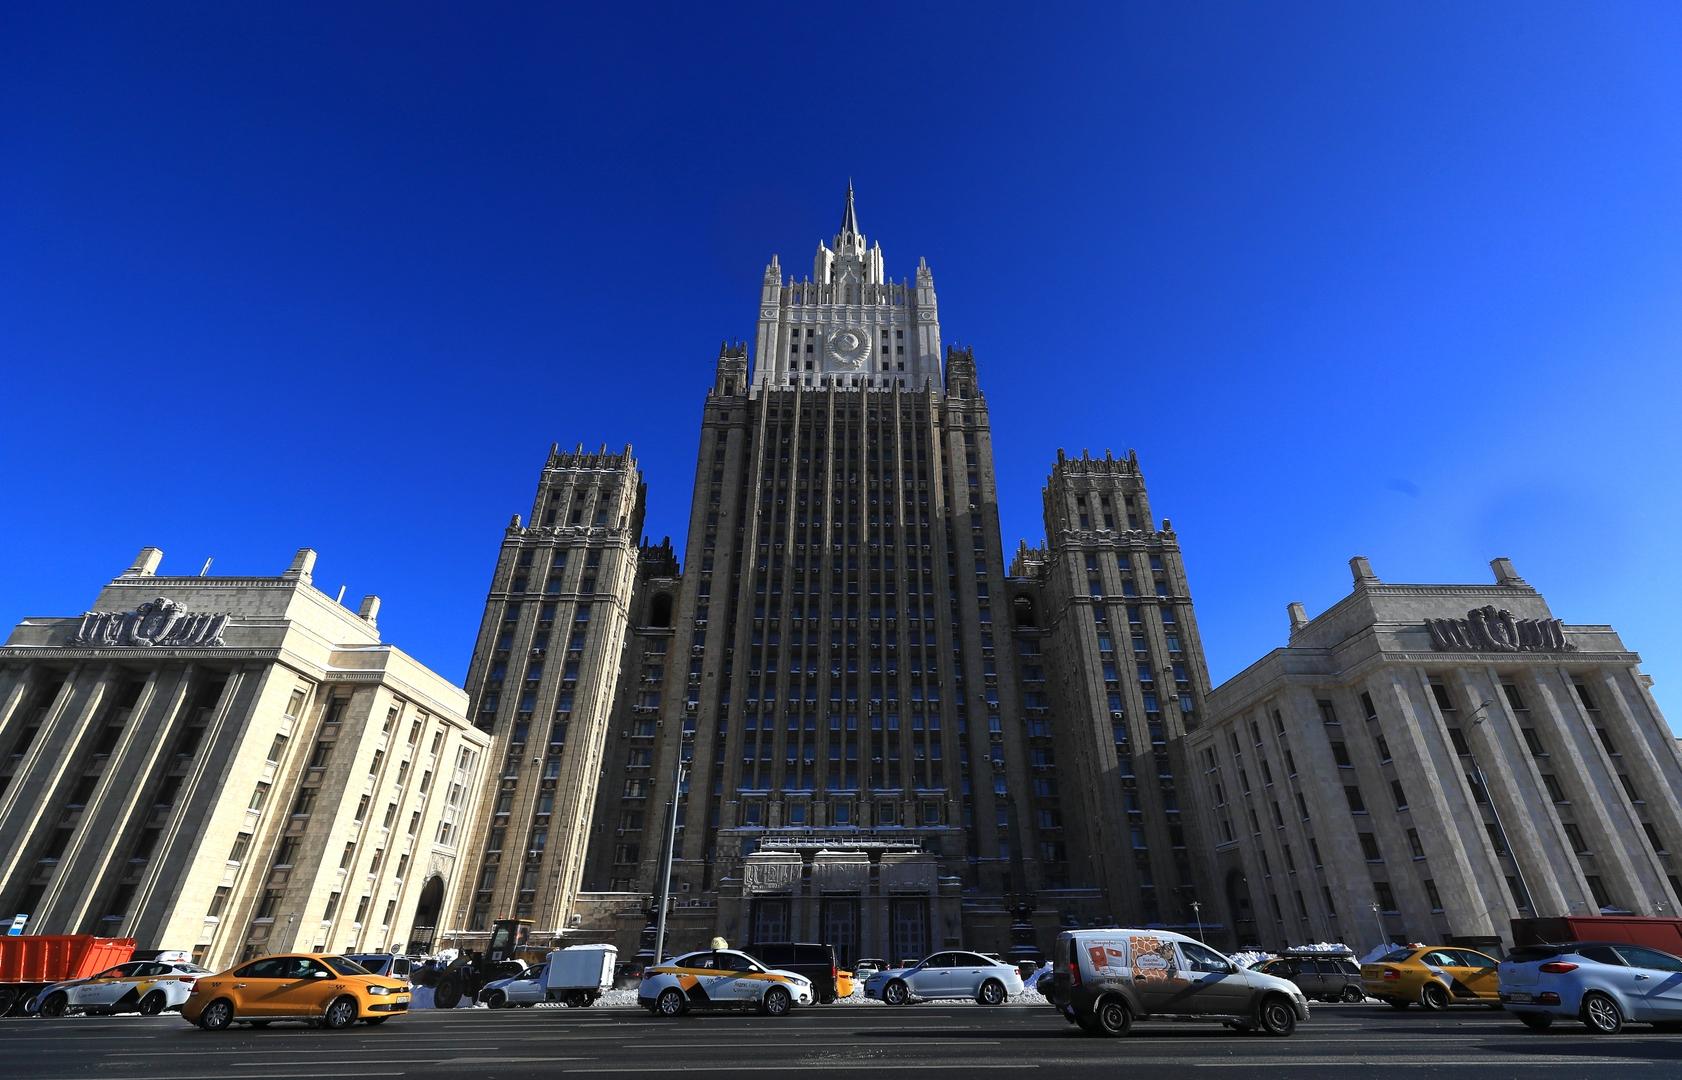 الخارجية الروسية تعلن دبلوماسيا في سفارة مقدونيا الشمالية لدى موسكو شخصية غير مرغوب فيها